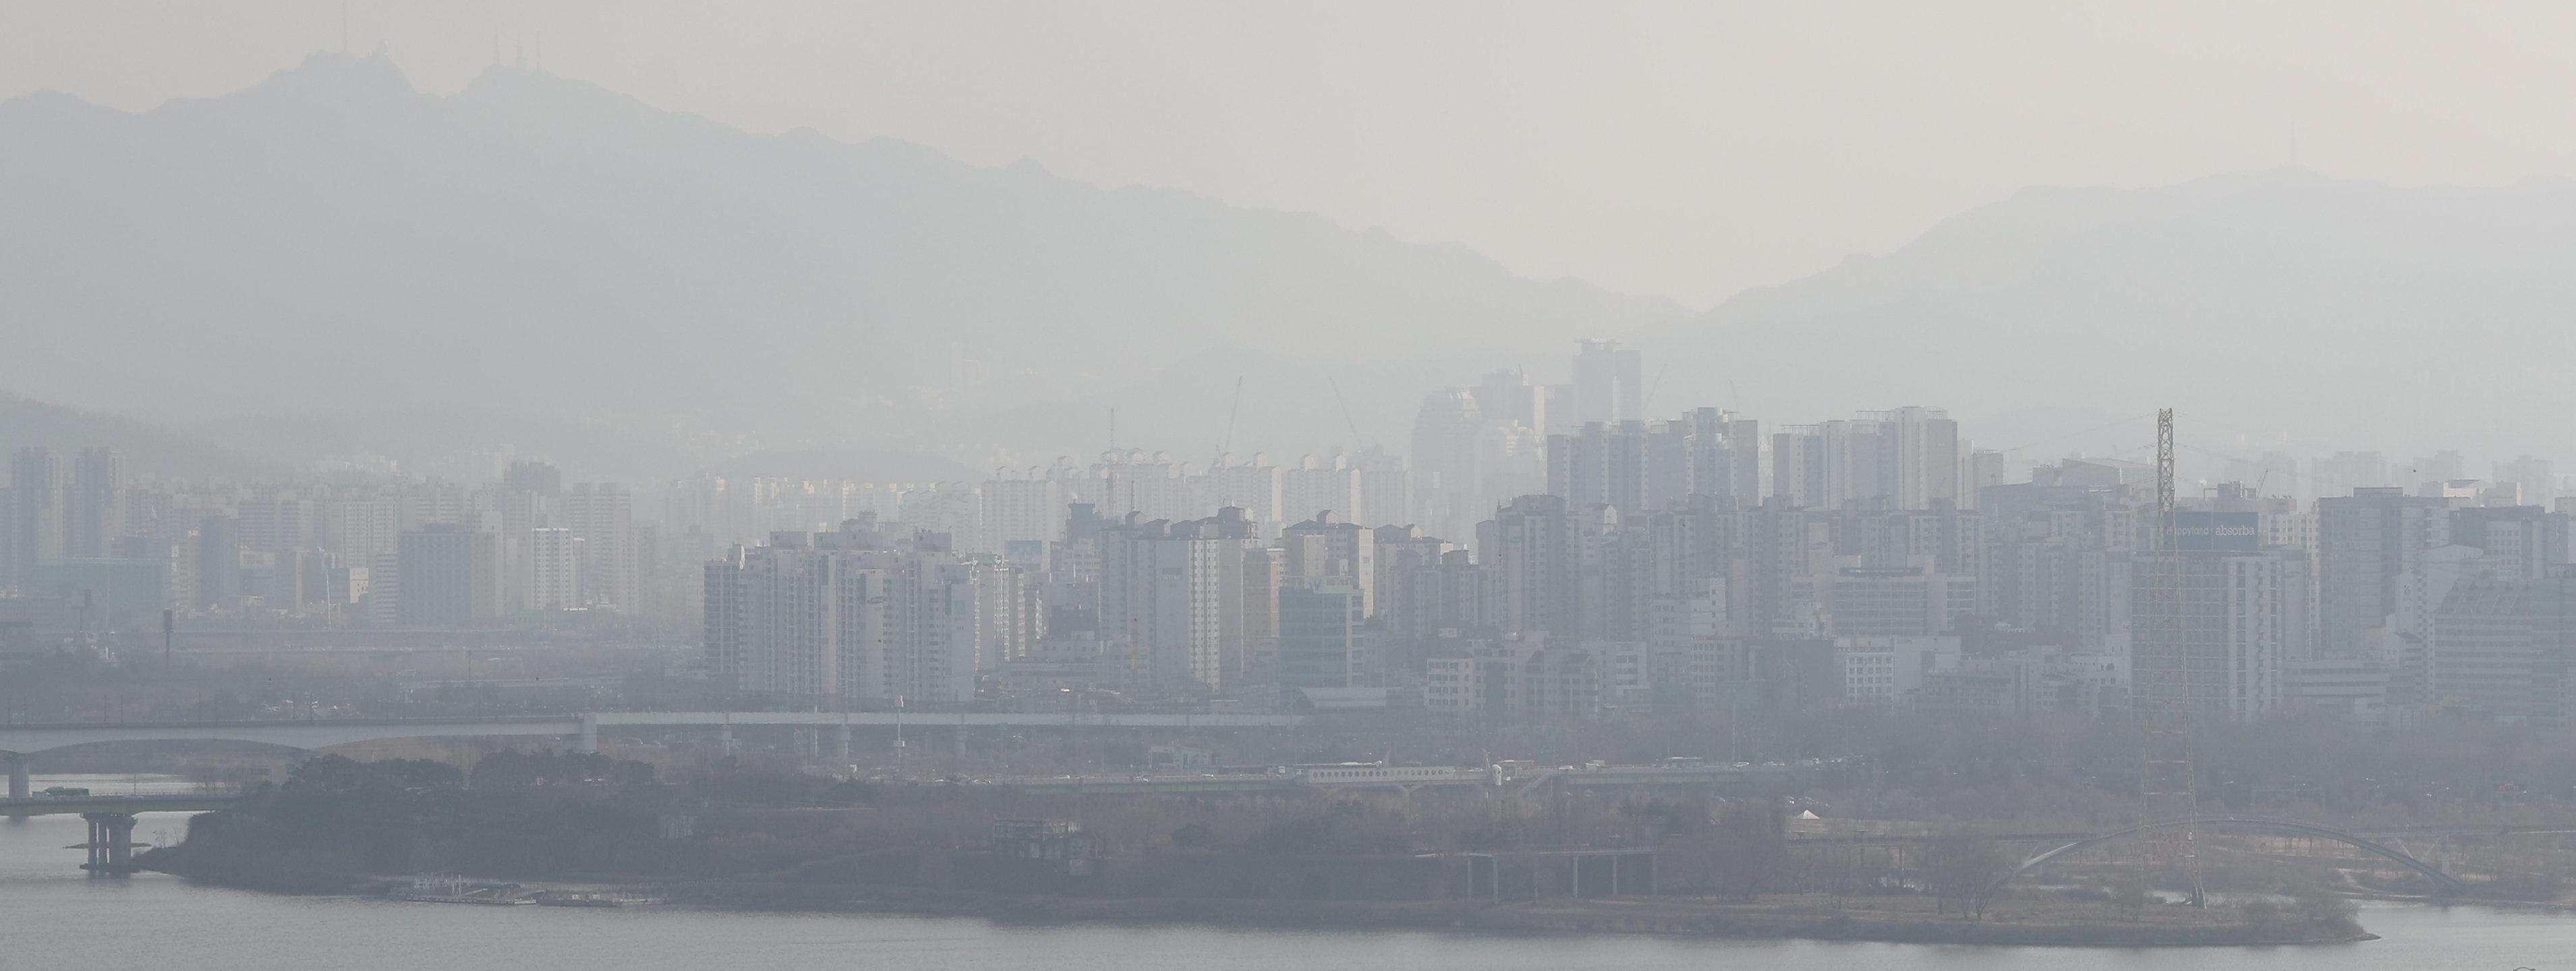 서울 내부에서도 초미세먼지 '나쁨' 발생 현황 차이가